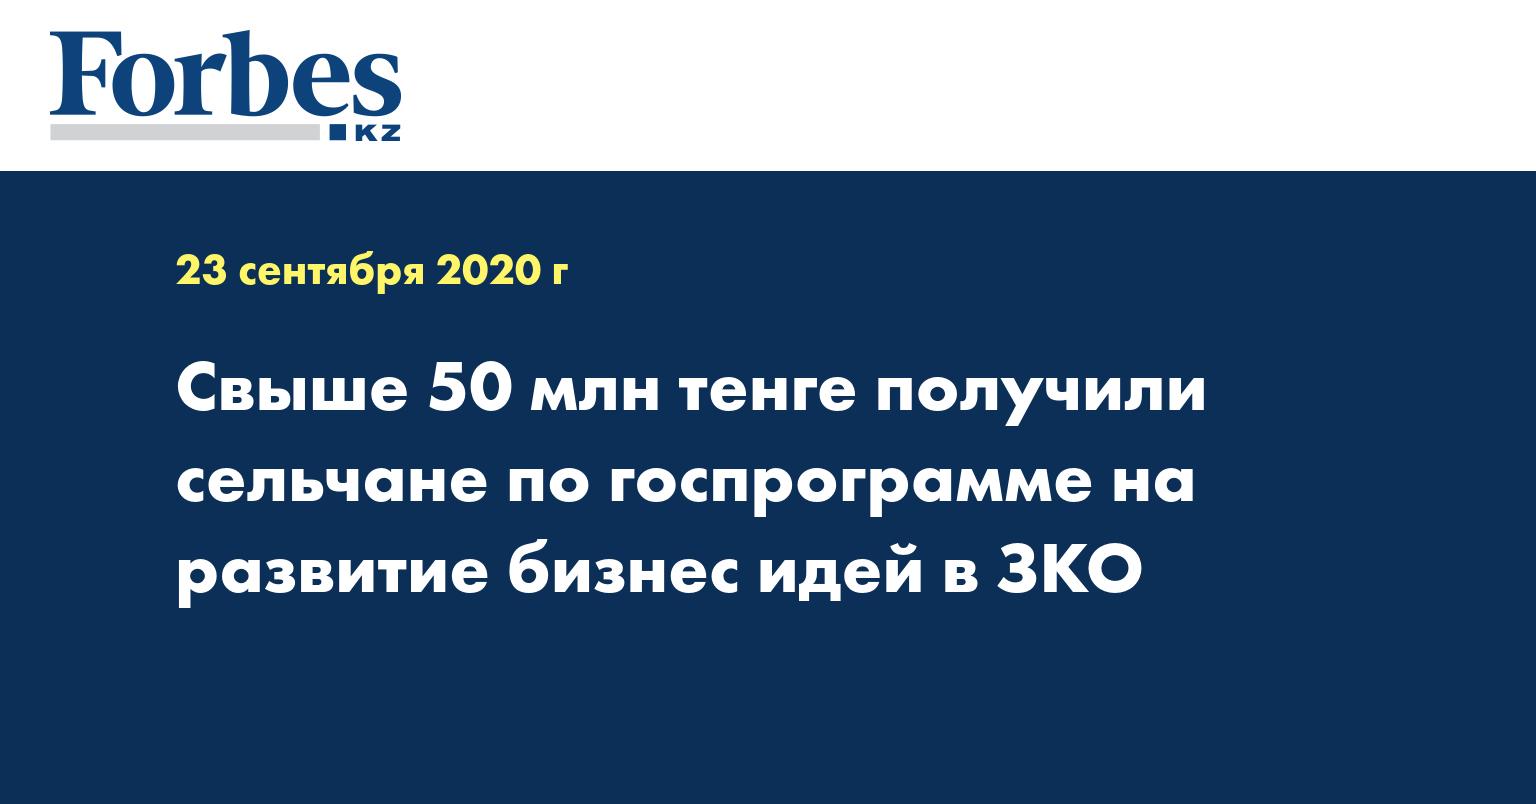 Свыше 50 млн тенге получили сельчане по госпрограмме на развитие бизнес идей в ЗКО